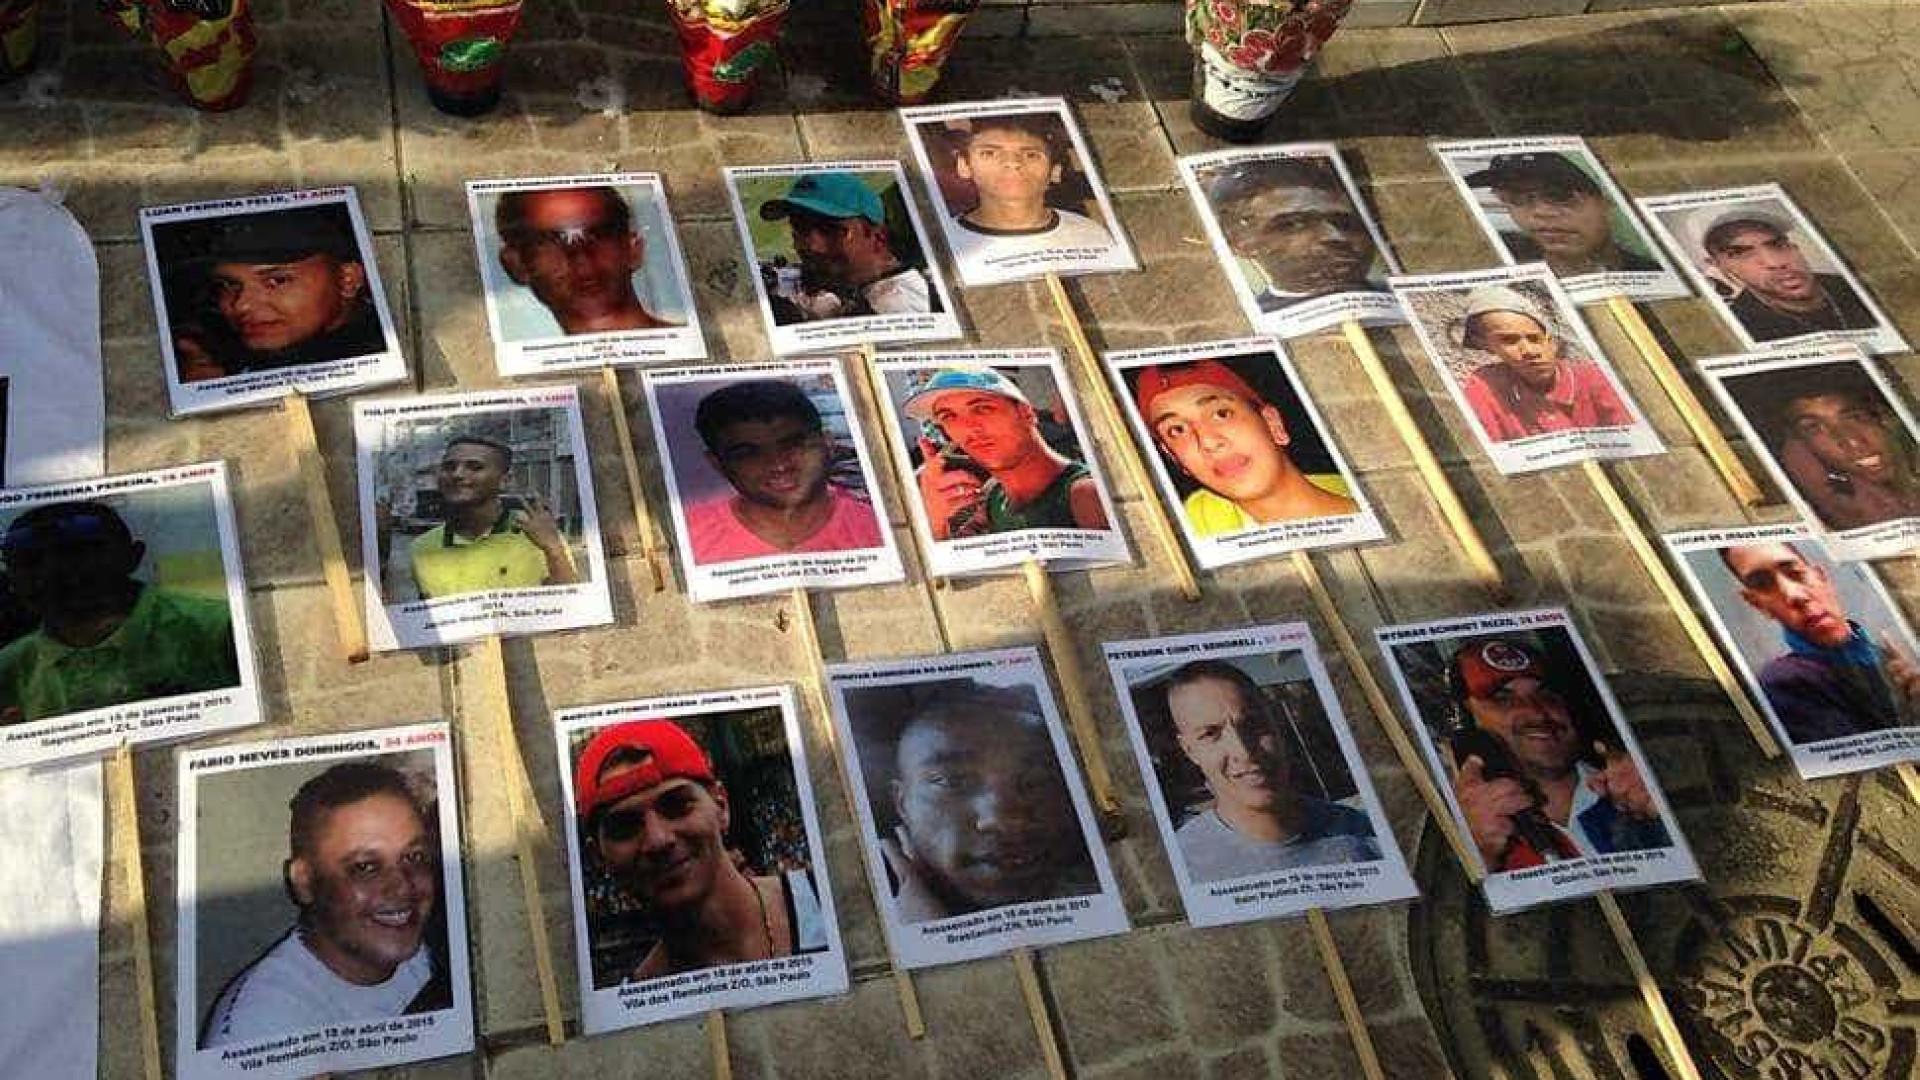 Condenados pelas chacinas de Osasco e Barueri vão recorrer da decisão